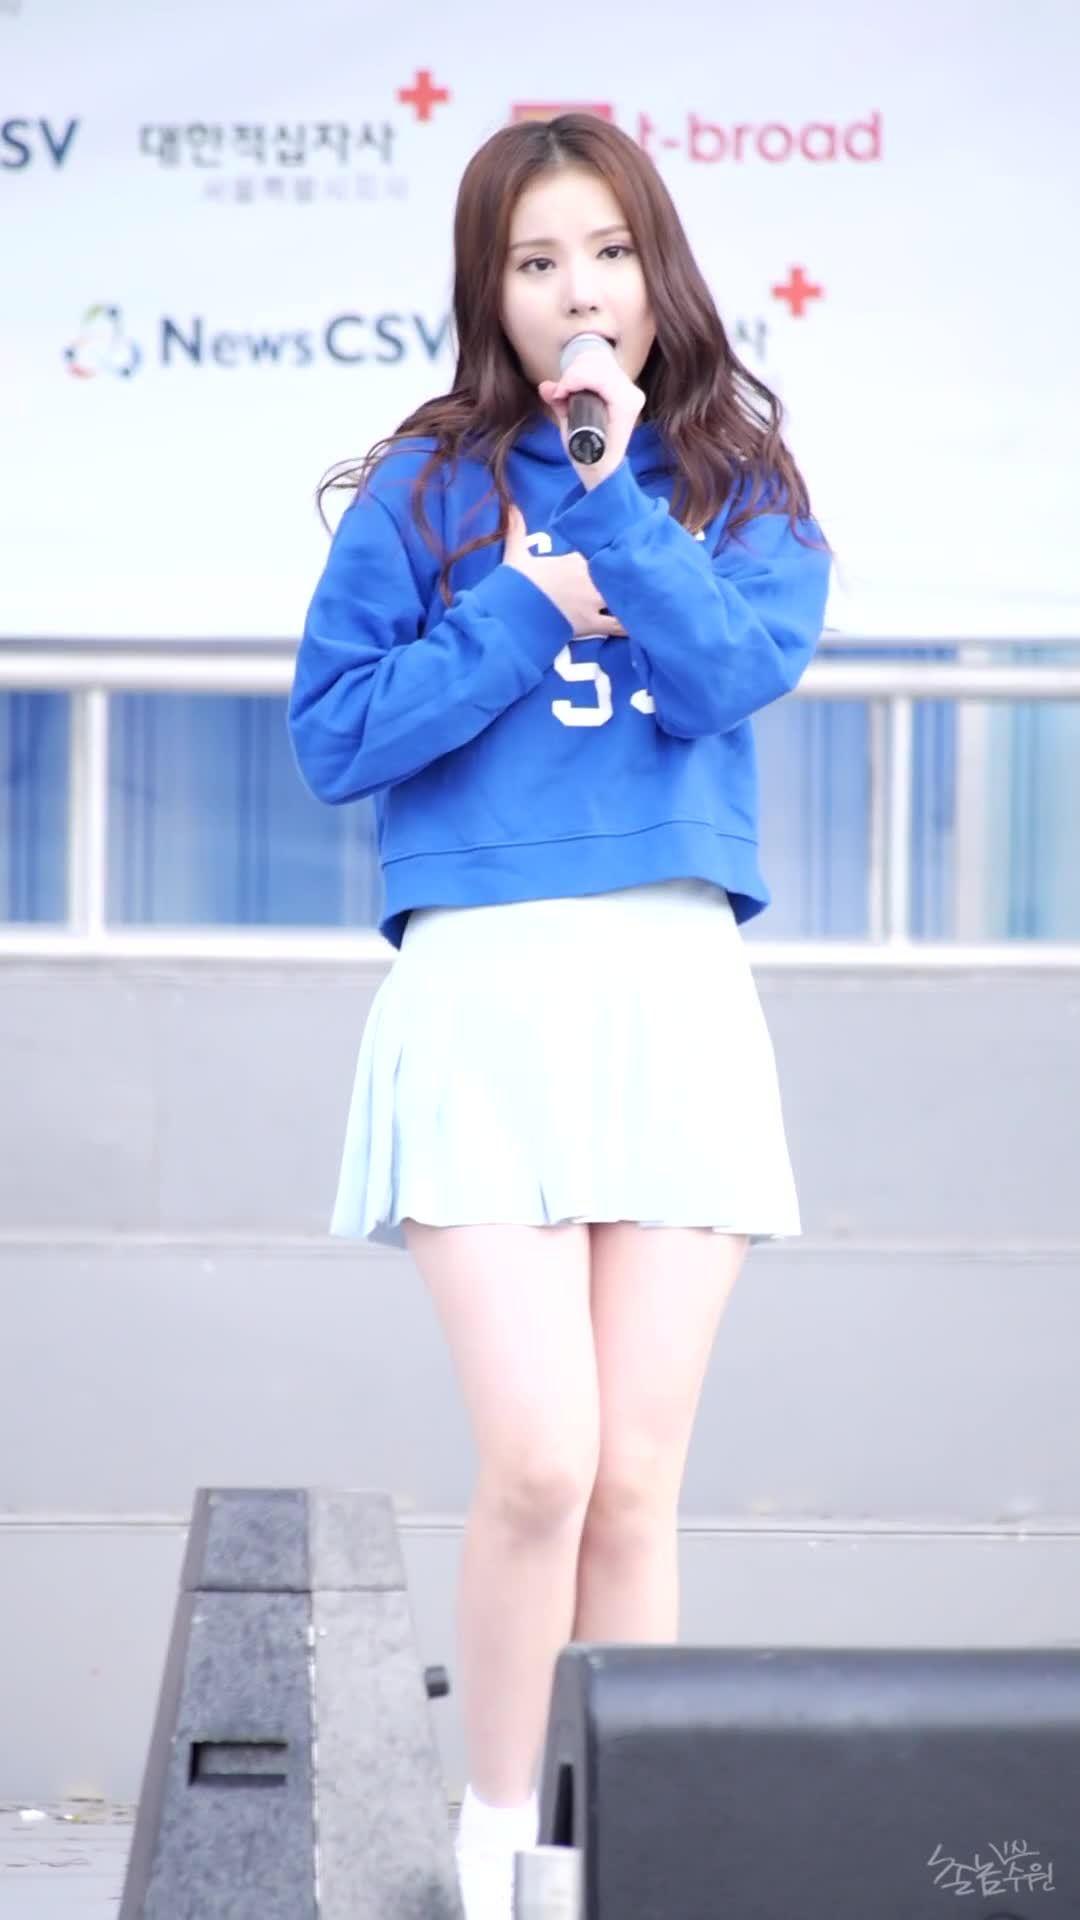 kpics, Eunha GIFs